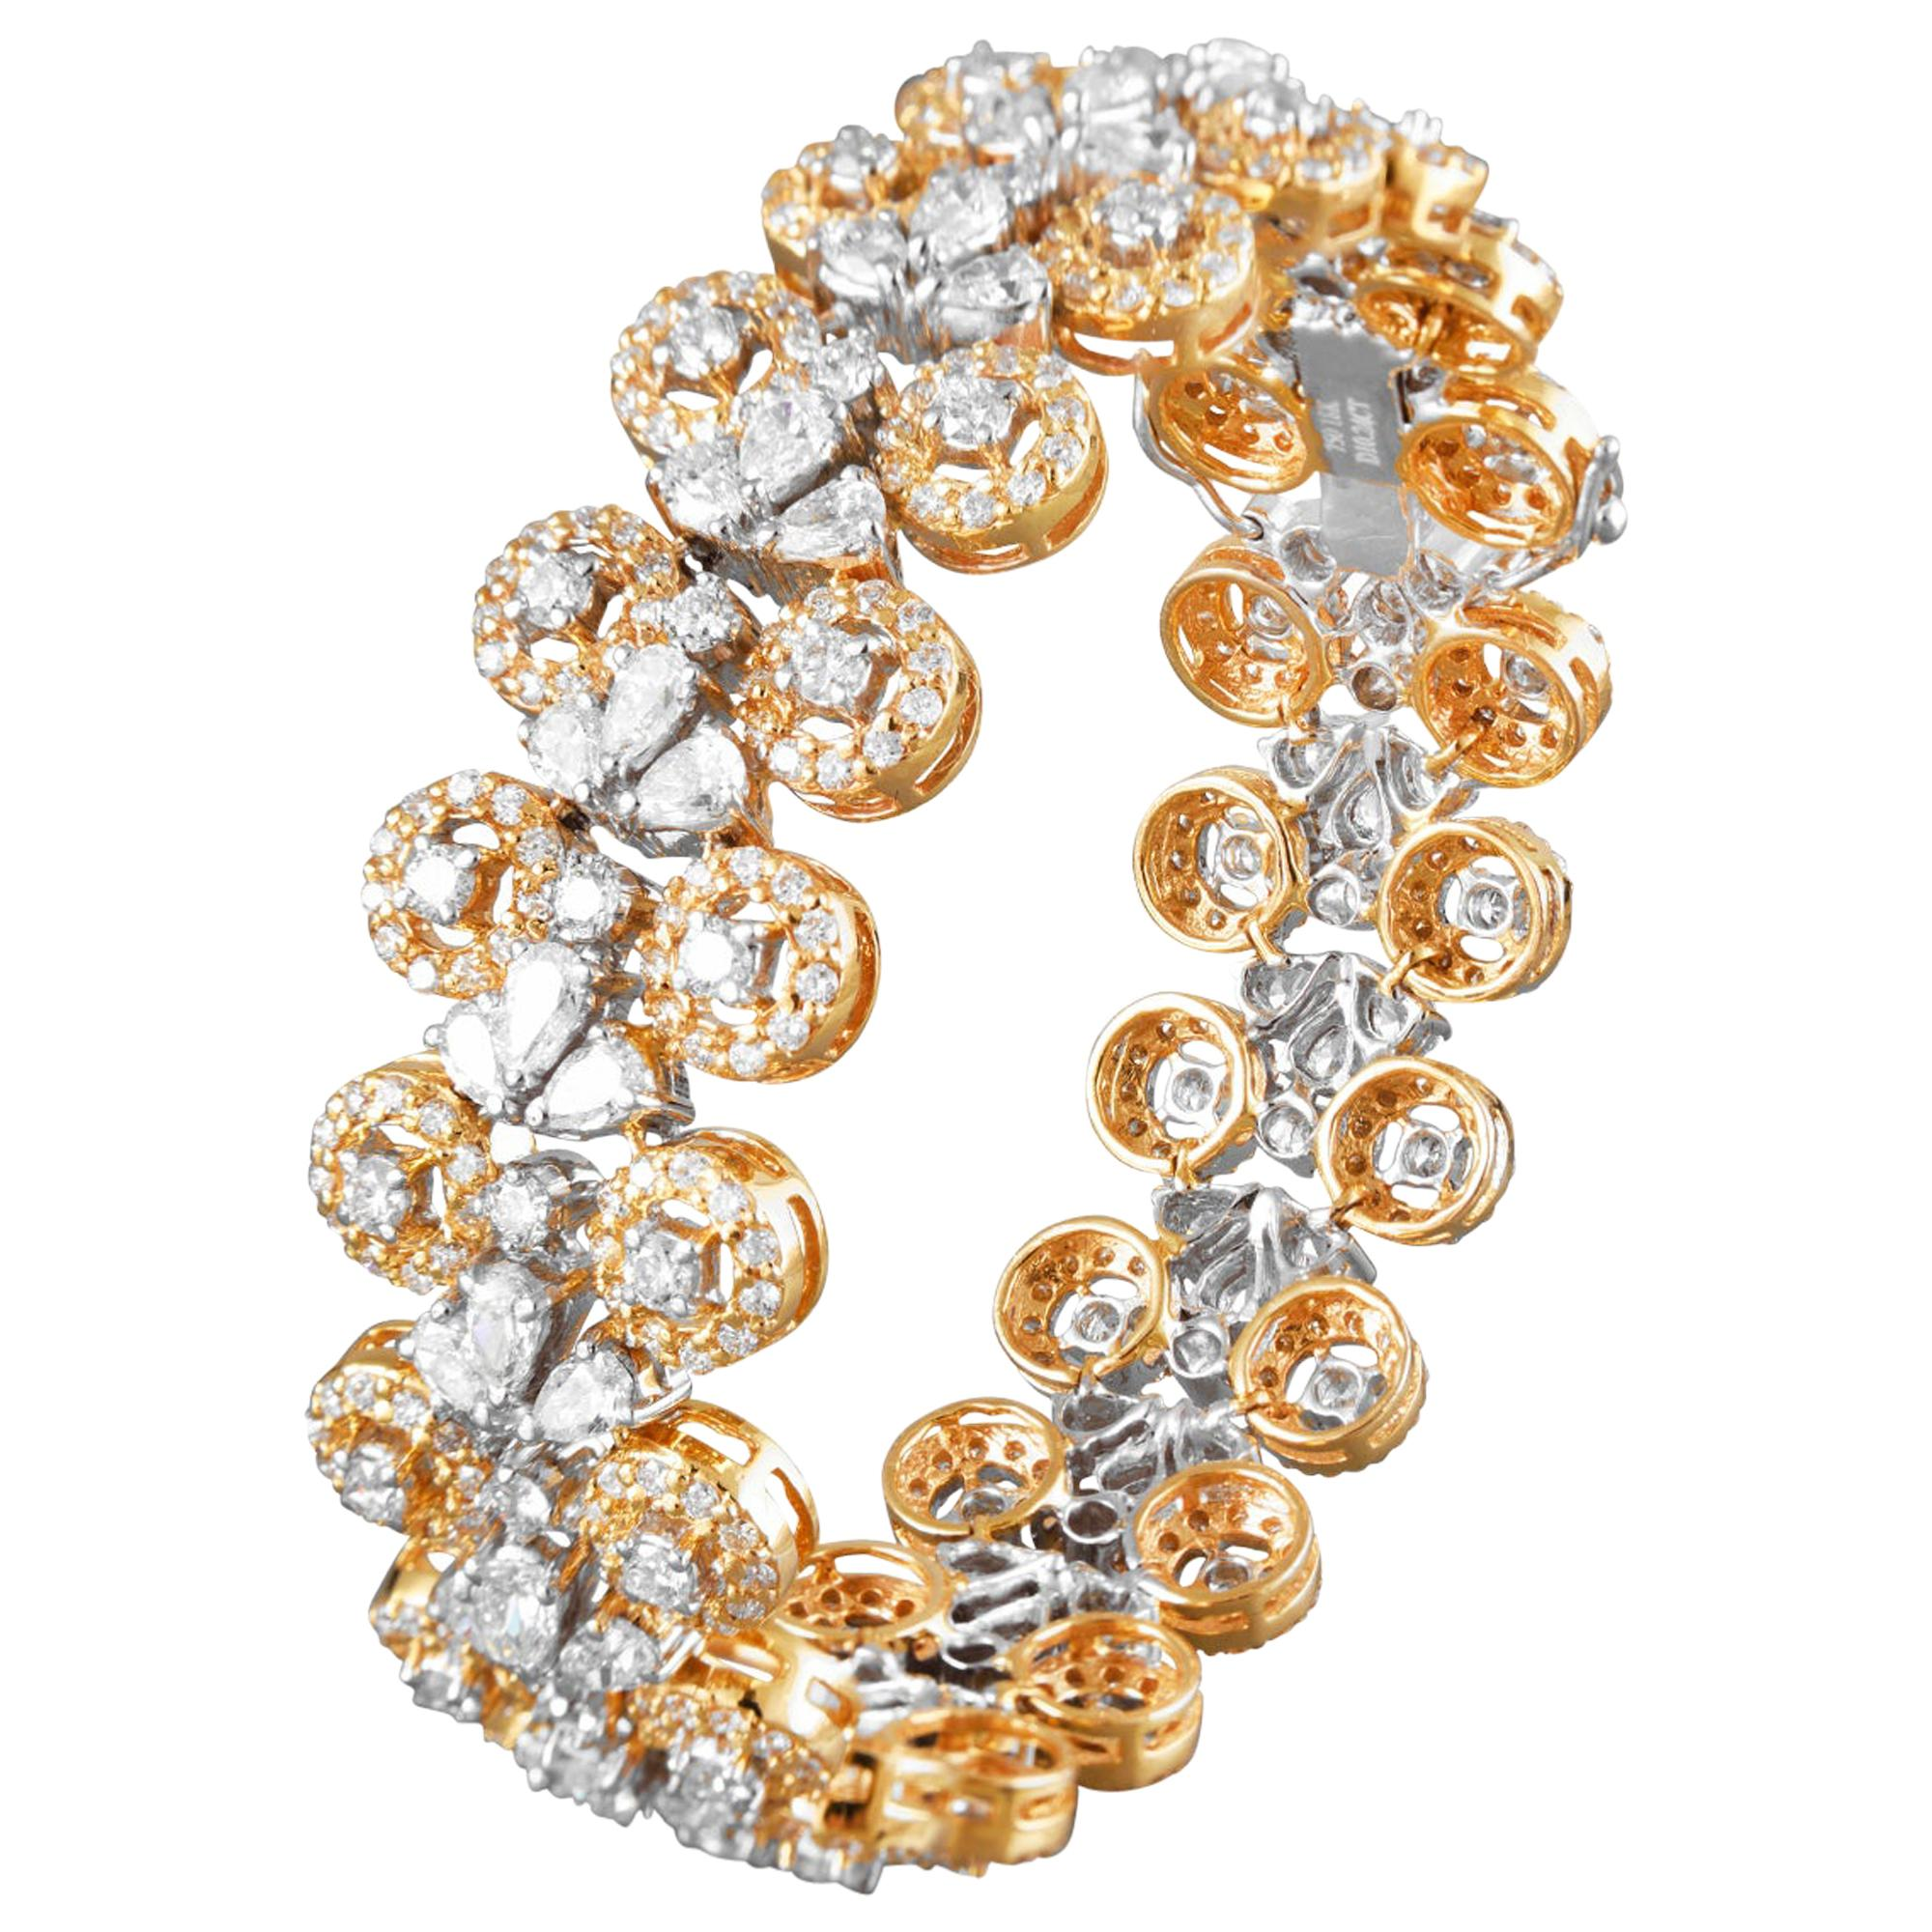 18 Karat Yellow Gold White Gold White Diamond Tennis Bracelet